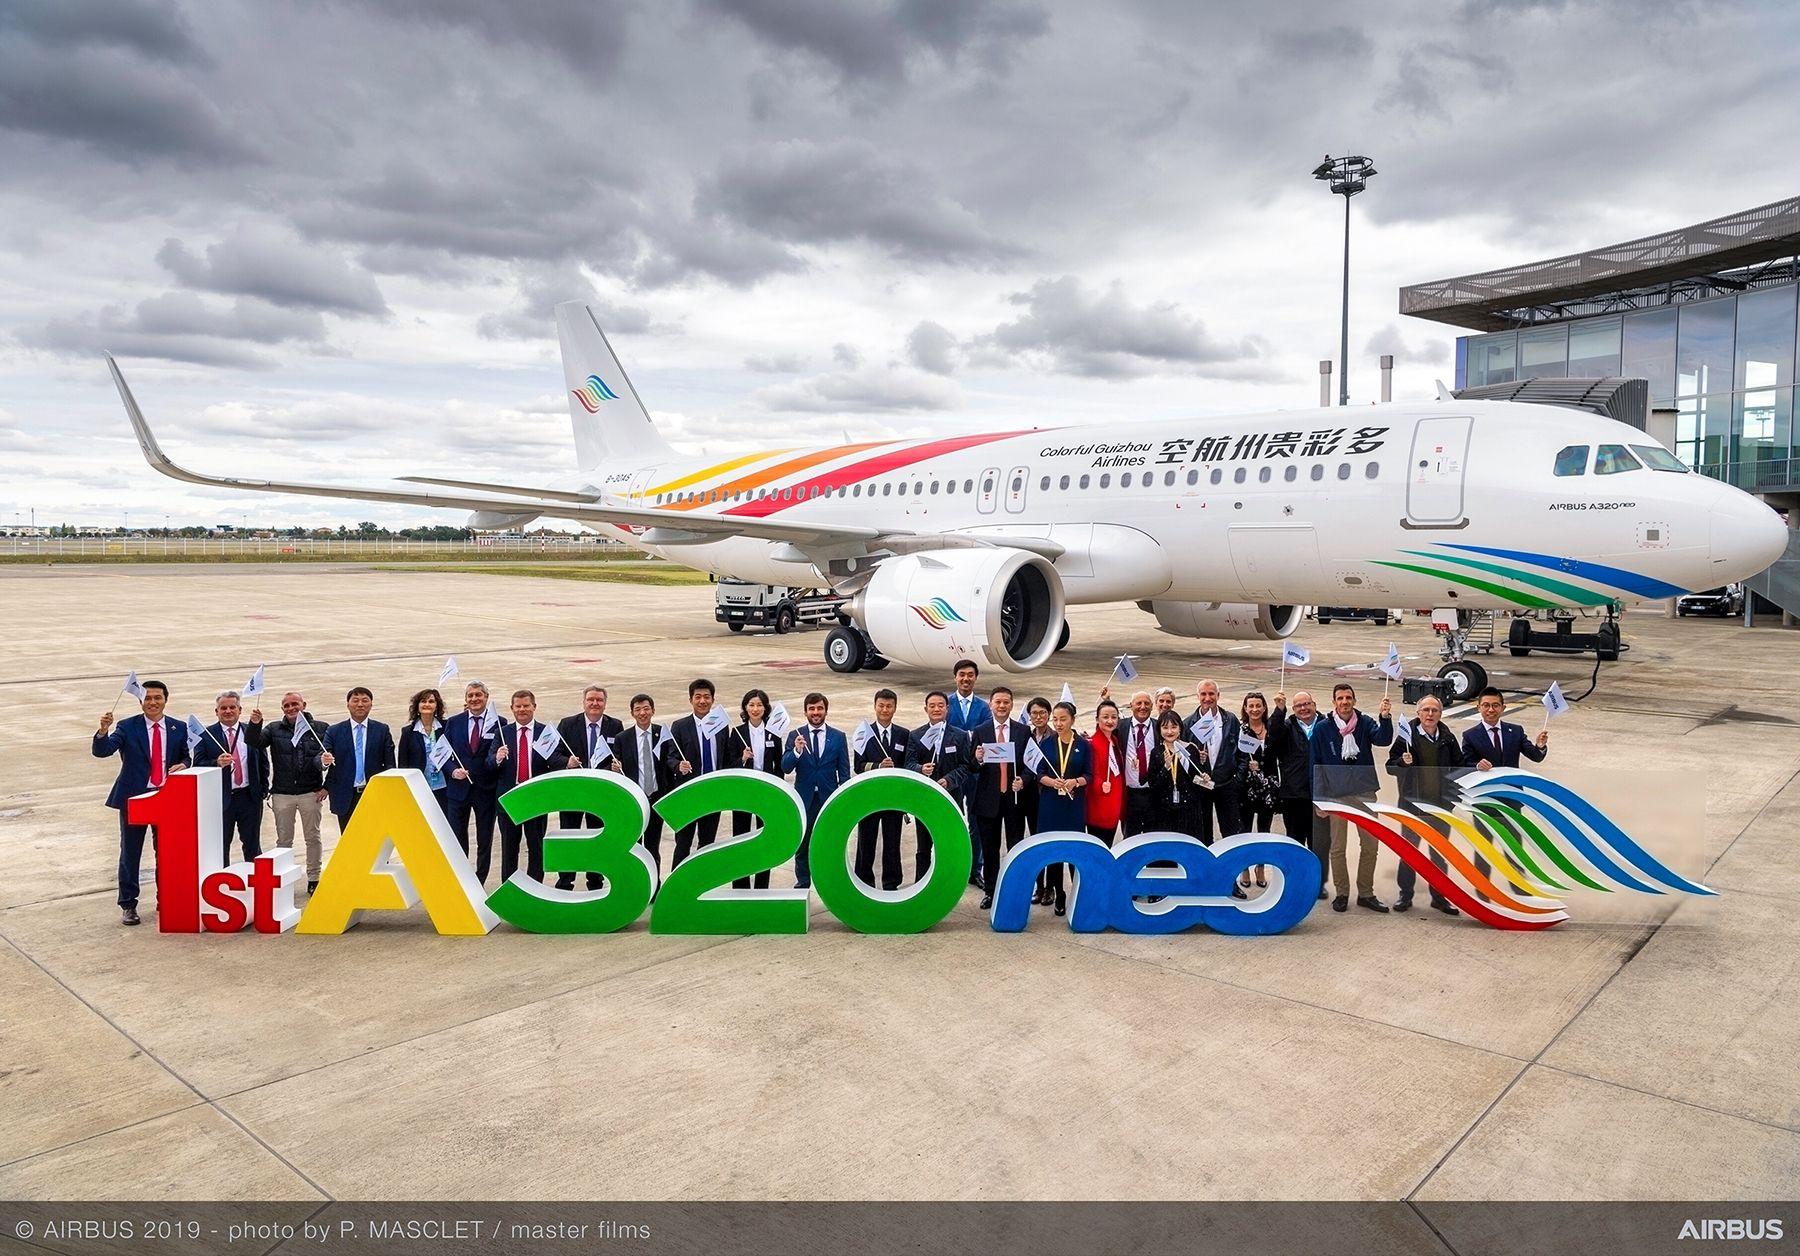 多彩贵州航空接收其首架空客A320neo飞机